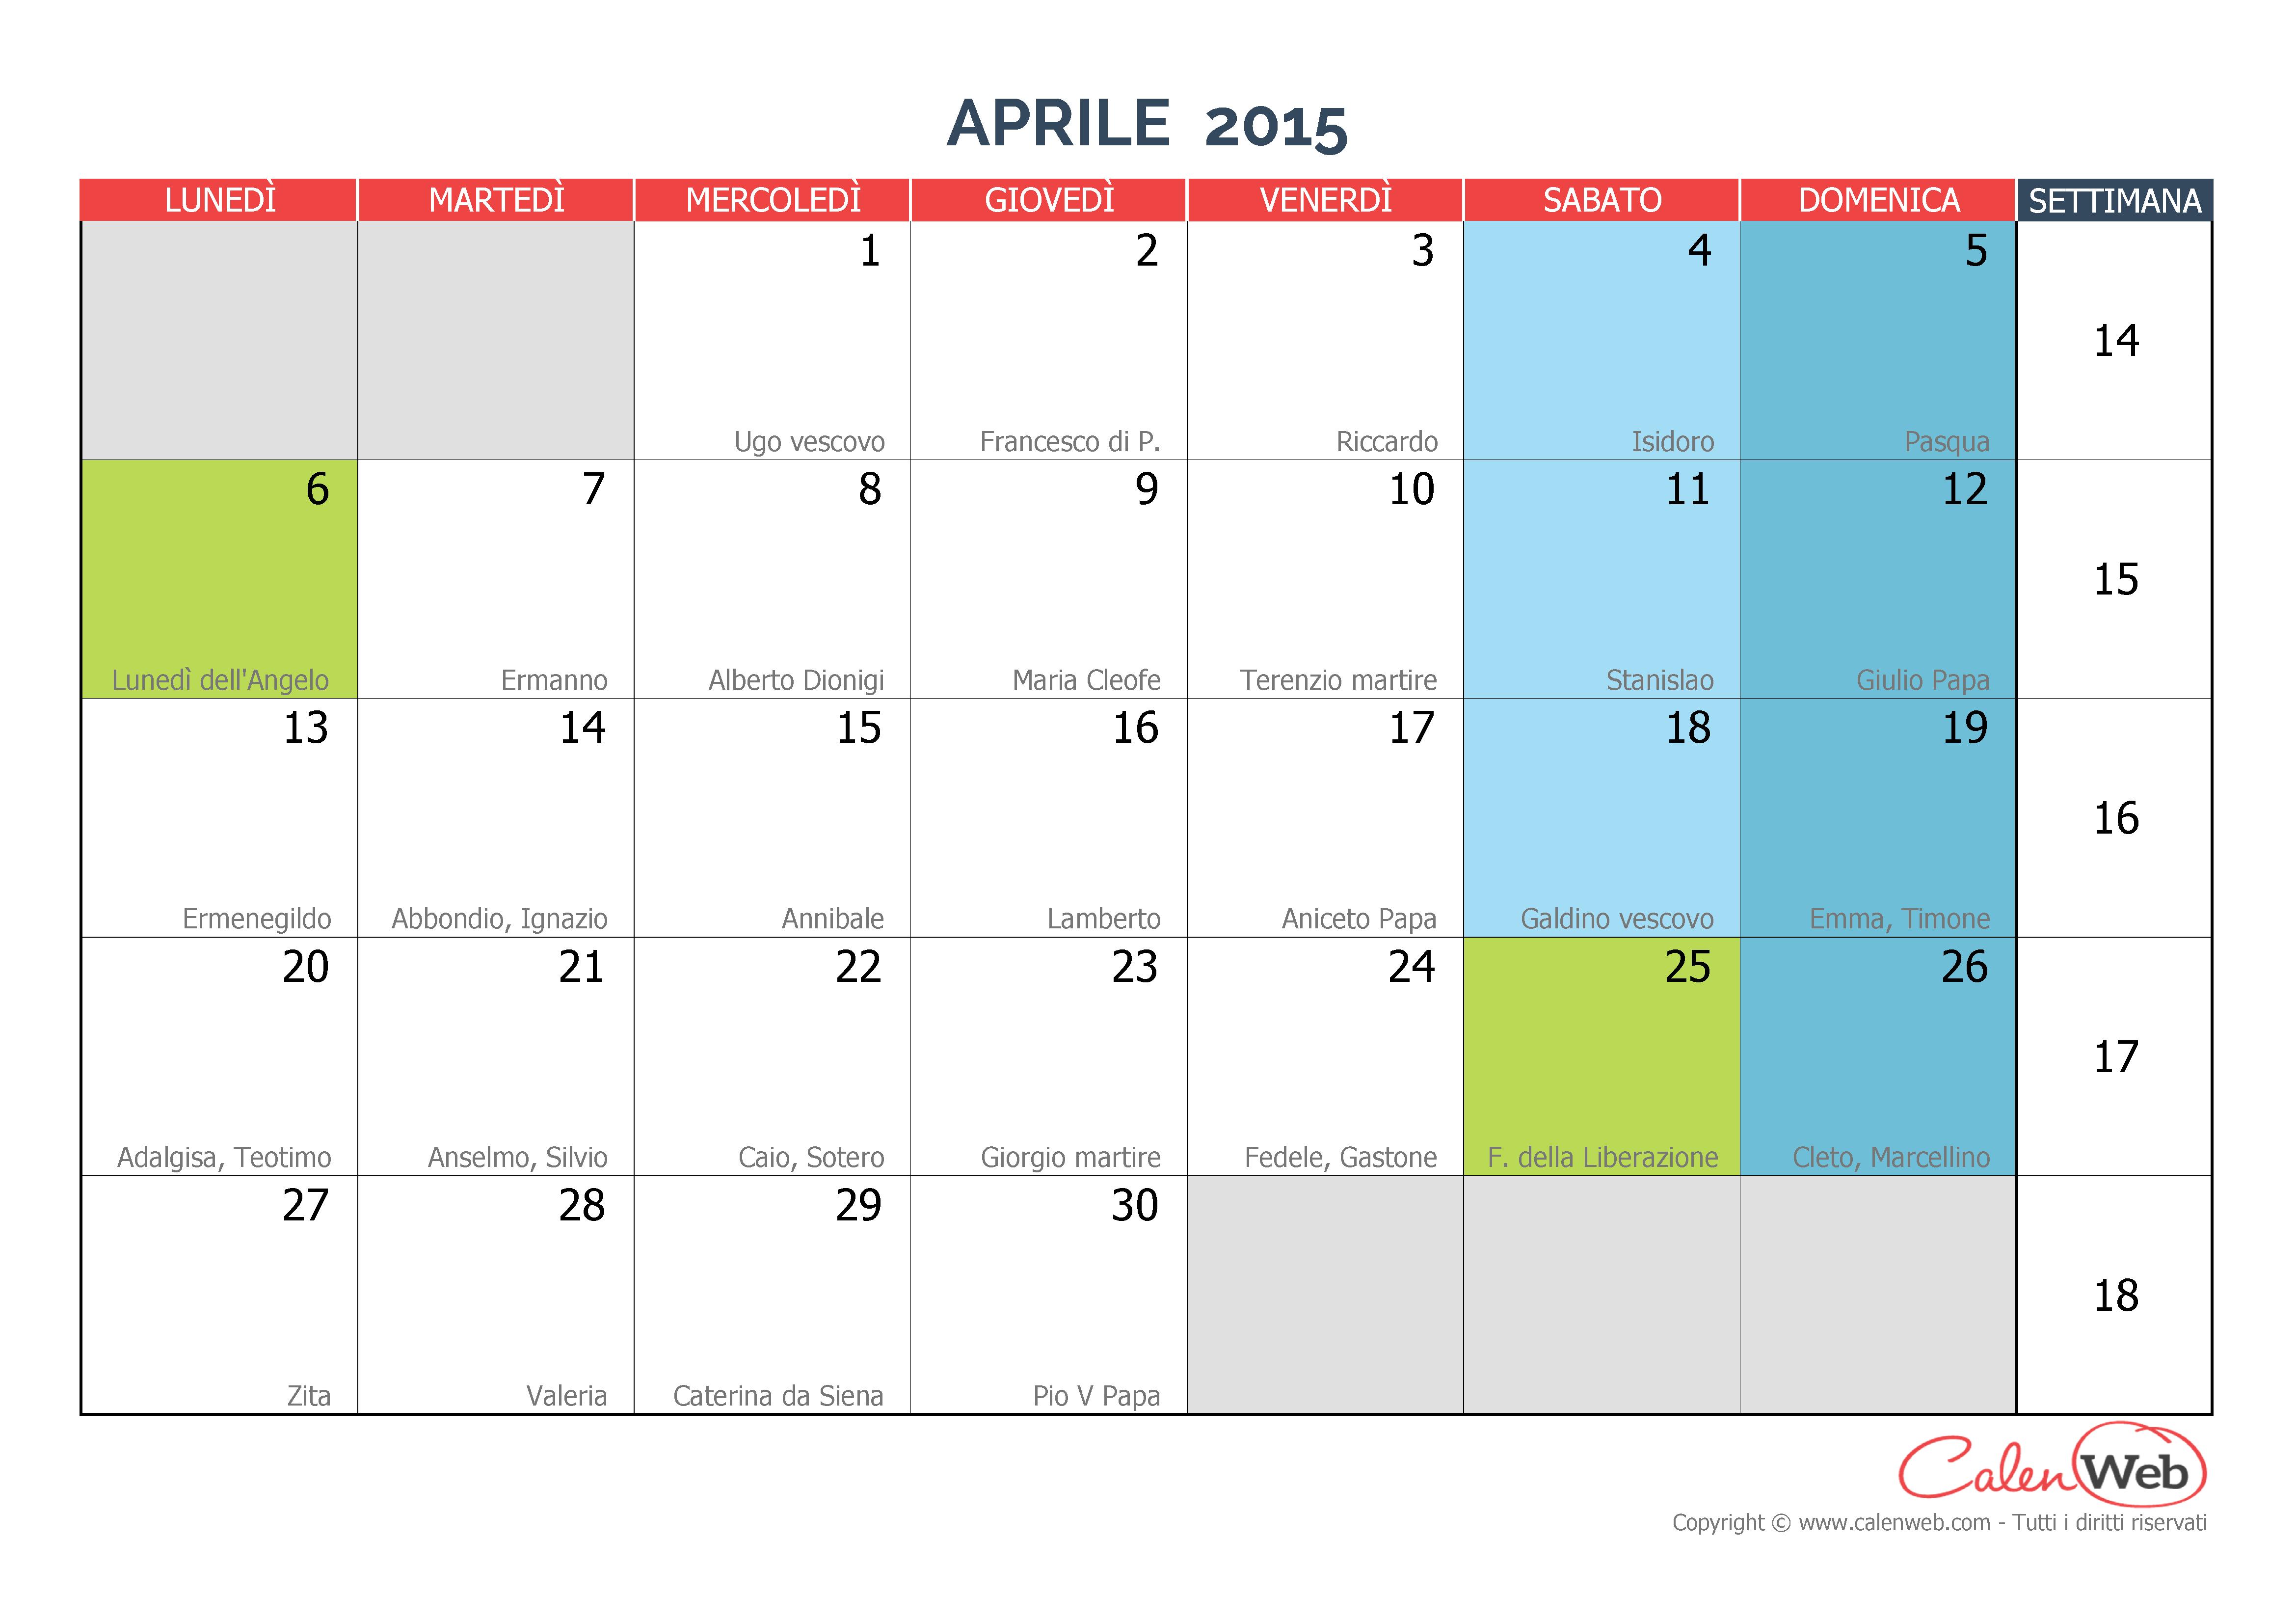 Santi Del Calendario.Calendario Mensile Mese Di Aprile 2015 Con Le Festivita